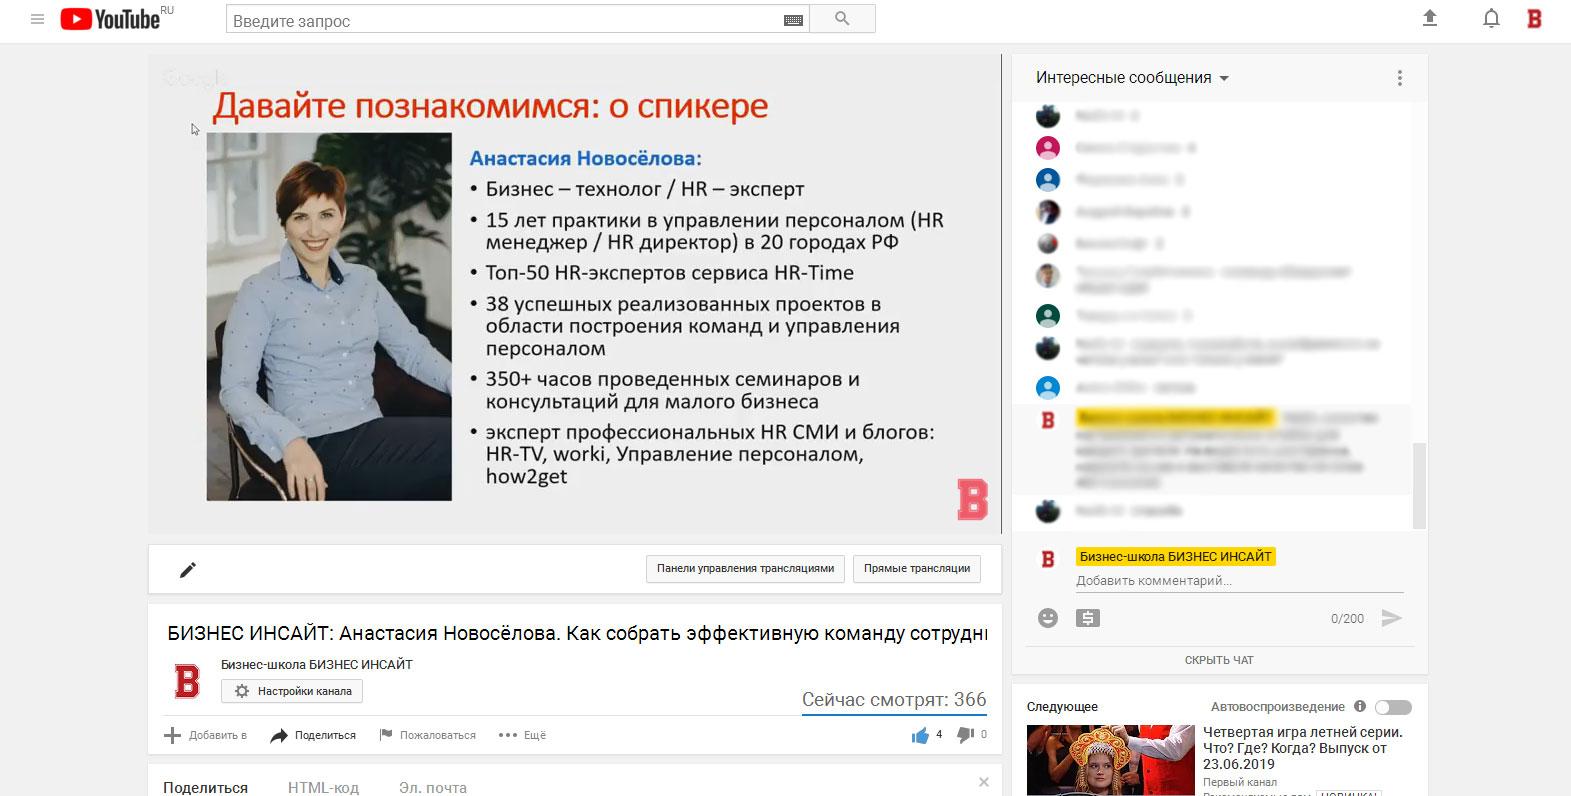 Анастасия Новосёлова провела открытый (бесплатный) вебинар в бизнес-школе БИЗНЕС ИНСАЙТ